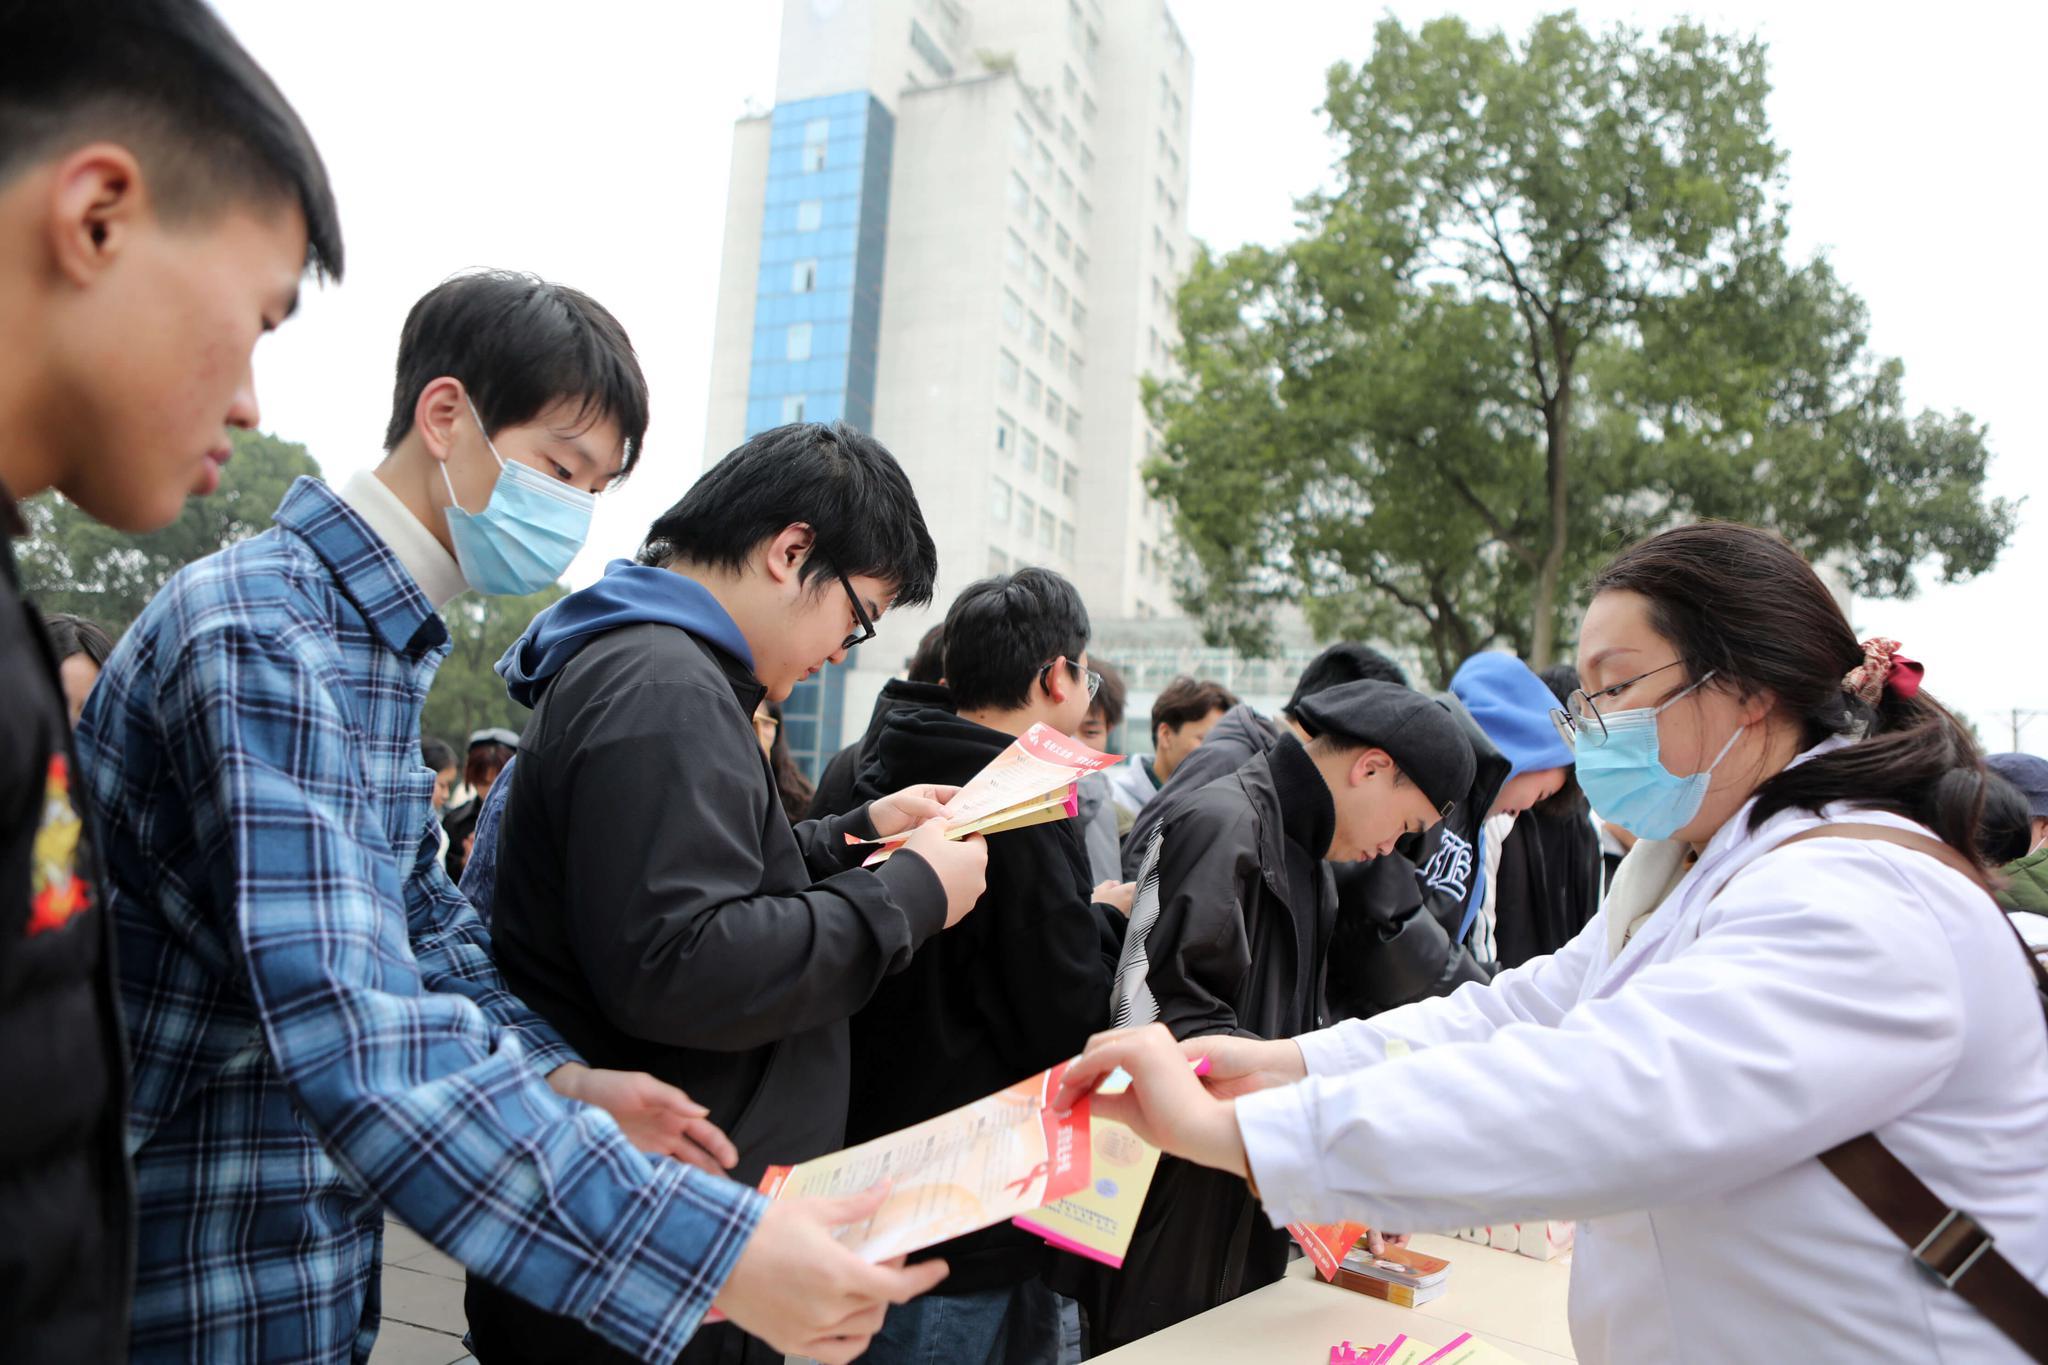 △11月30日 重庆 医务人员给大学生宣传艾滋病科普知识图源:视觉中国